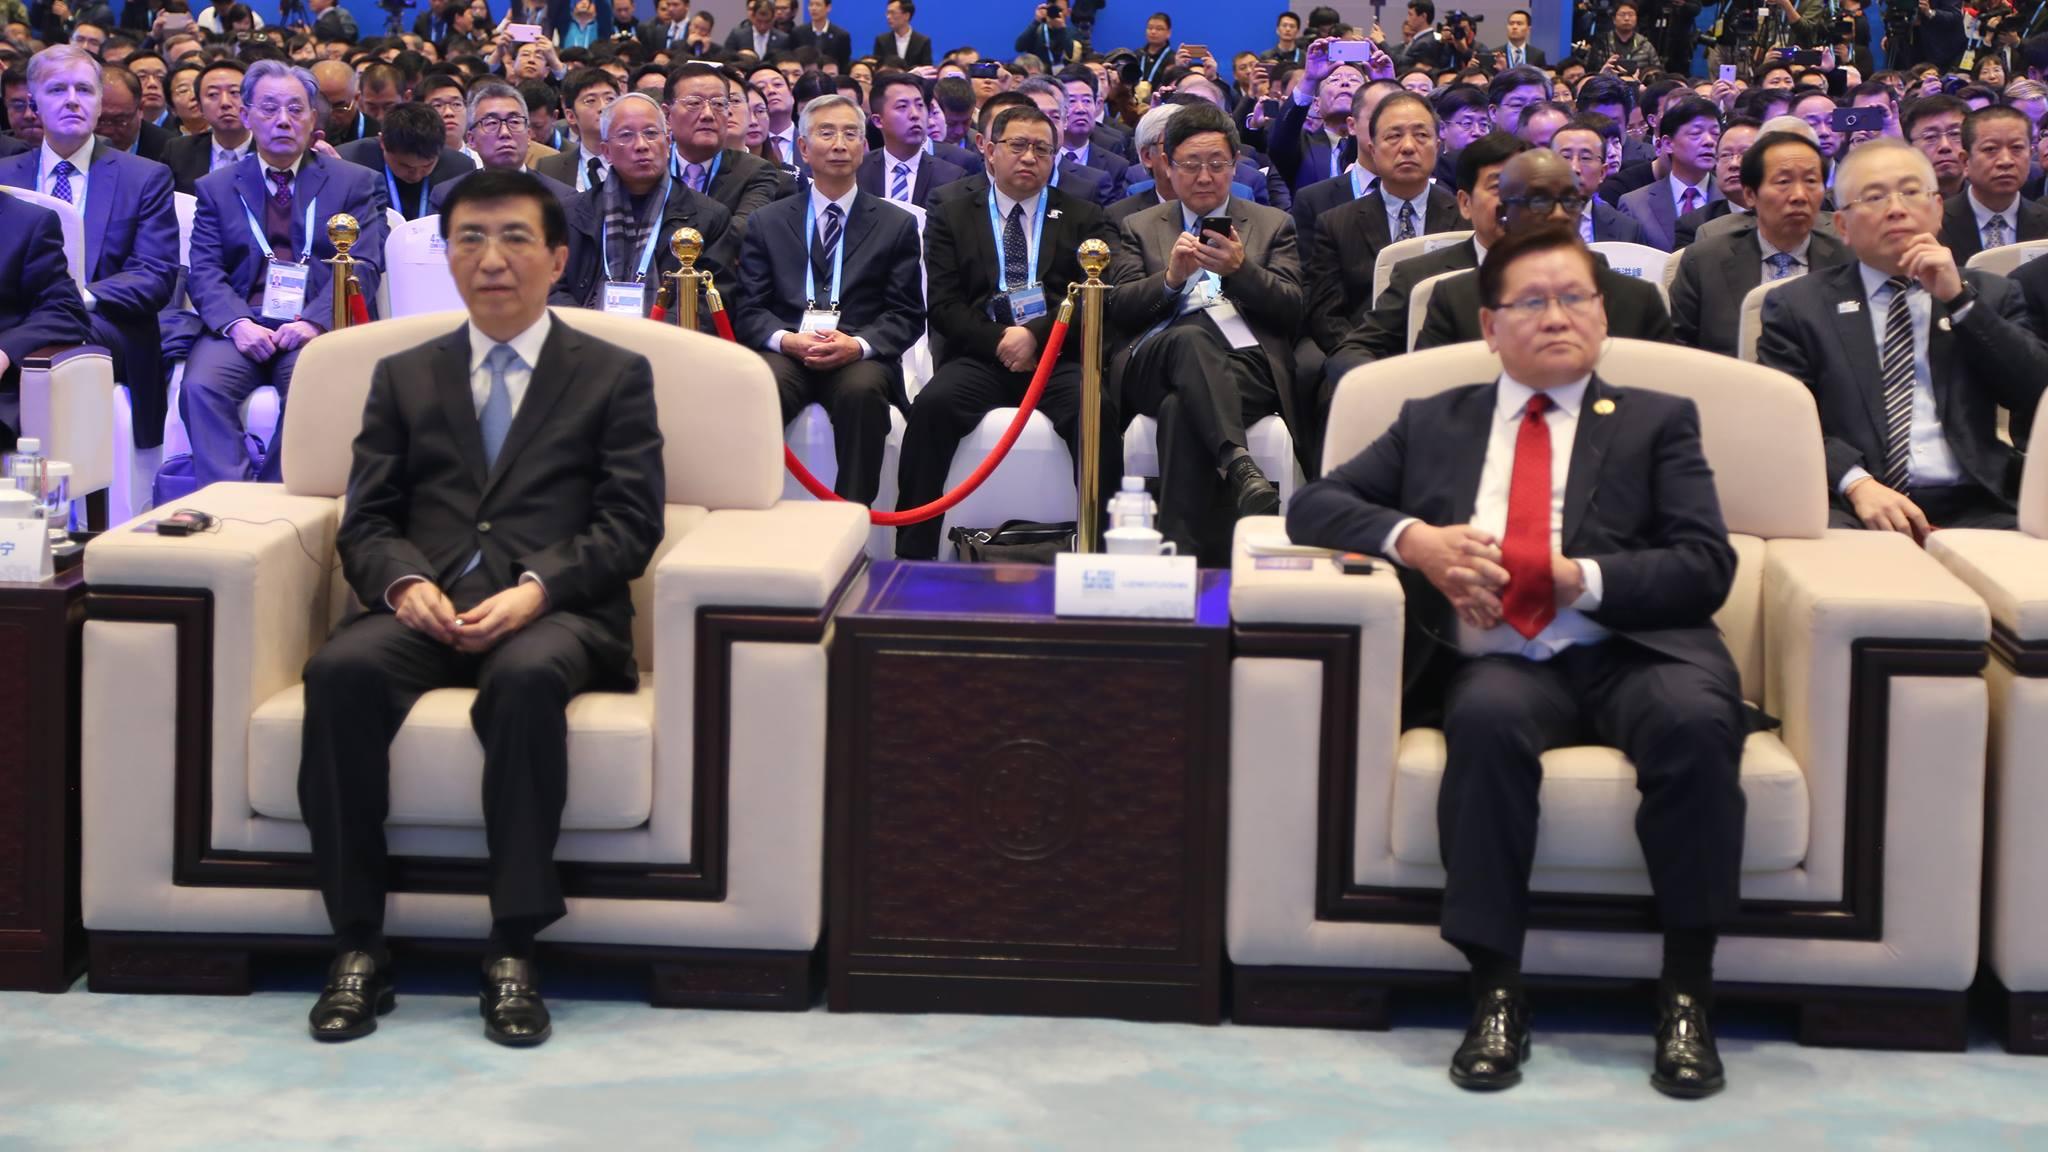 Шадар сайд Ө.Энхтүвшин ХКН-ын Улс төрийн товчооны гишүүн Ван Хунинтай хоёр орны харилцааны талаар санал солилцлоо